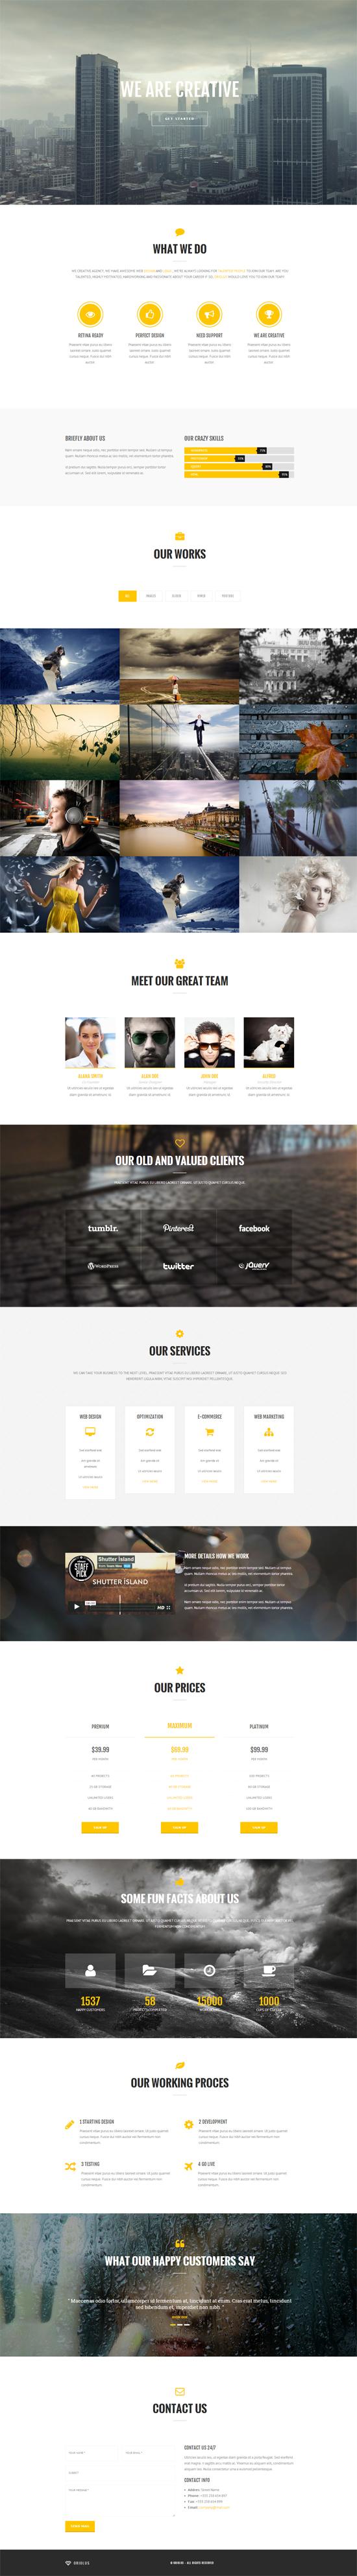 Oriolus - Responsive Onepage WordPress Theme